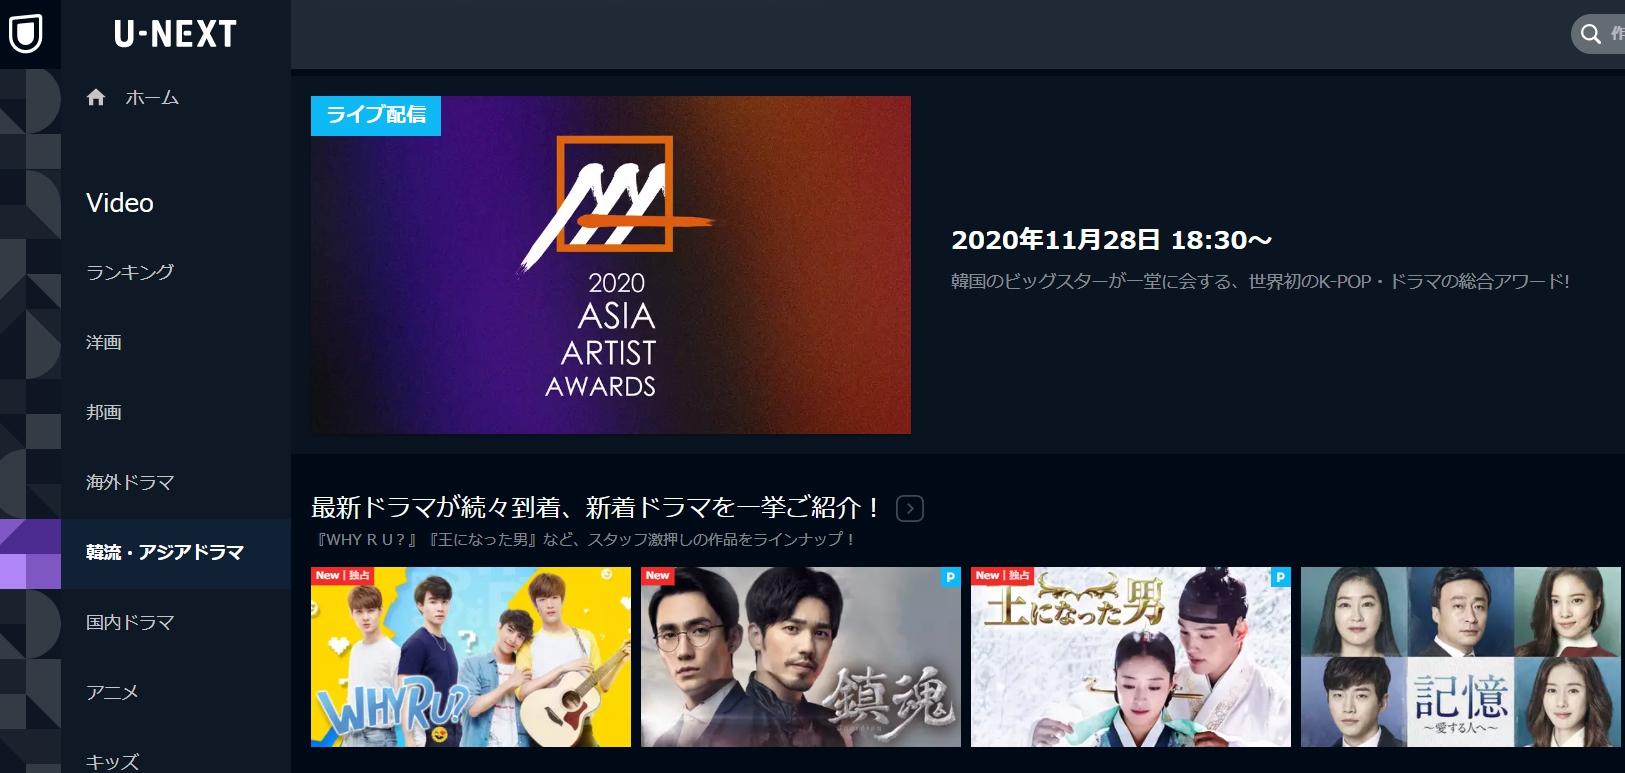 アジアアーティストアワード2020視聴方法テレビで無料で見れる?出演者やタイムテーブルも紹介!